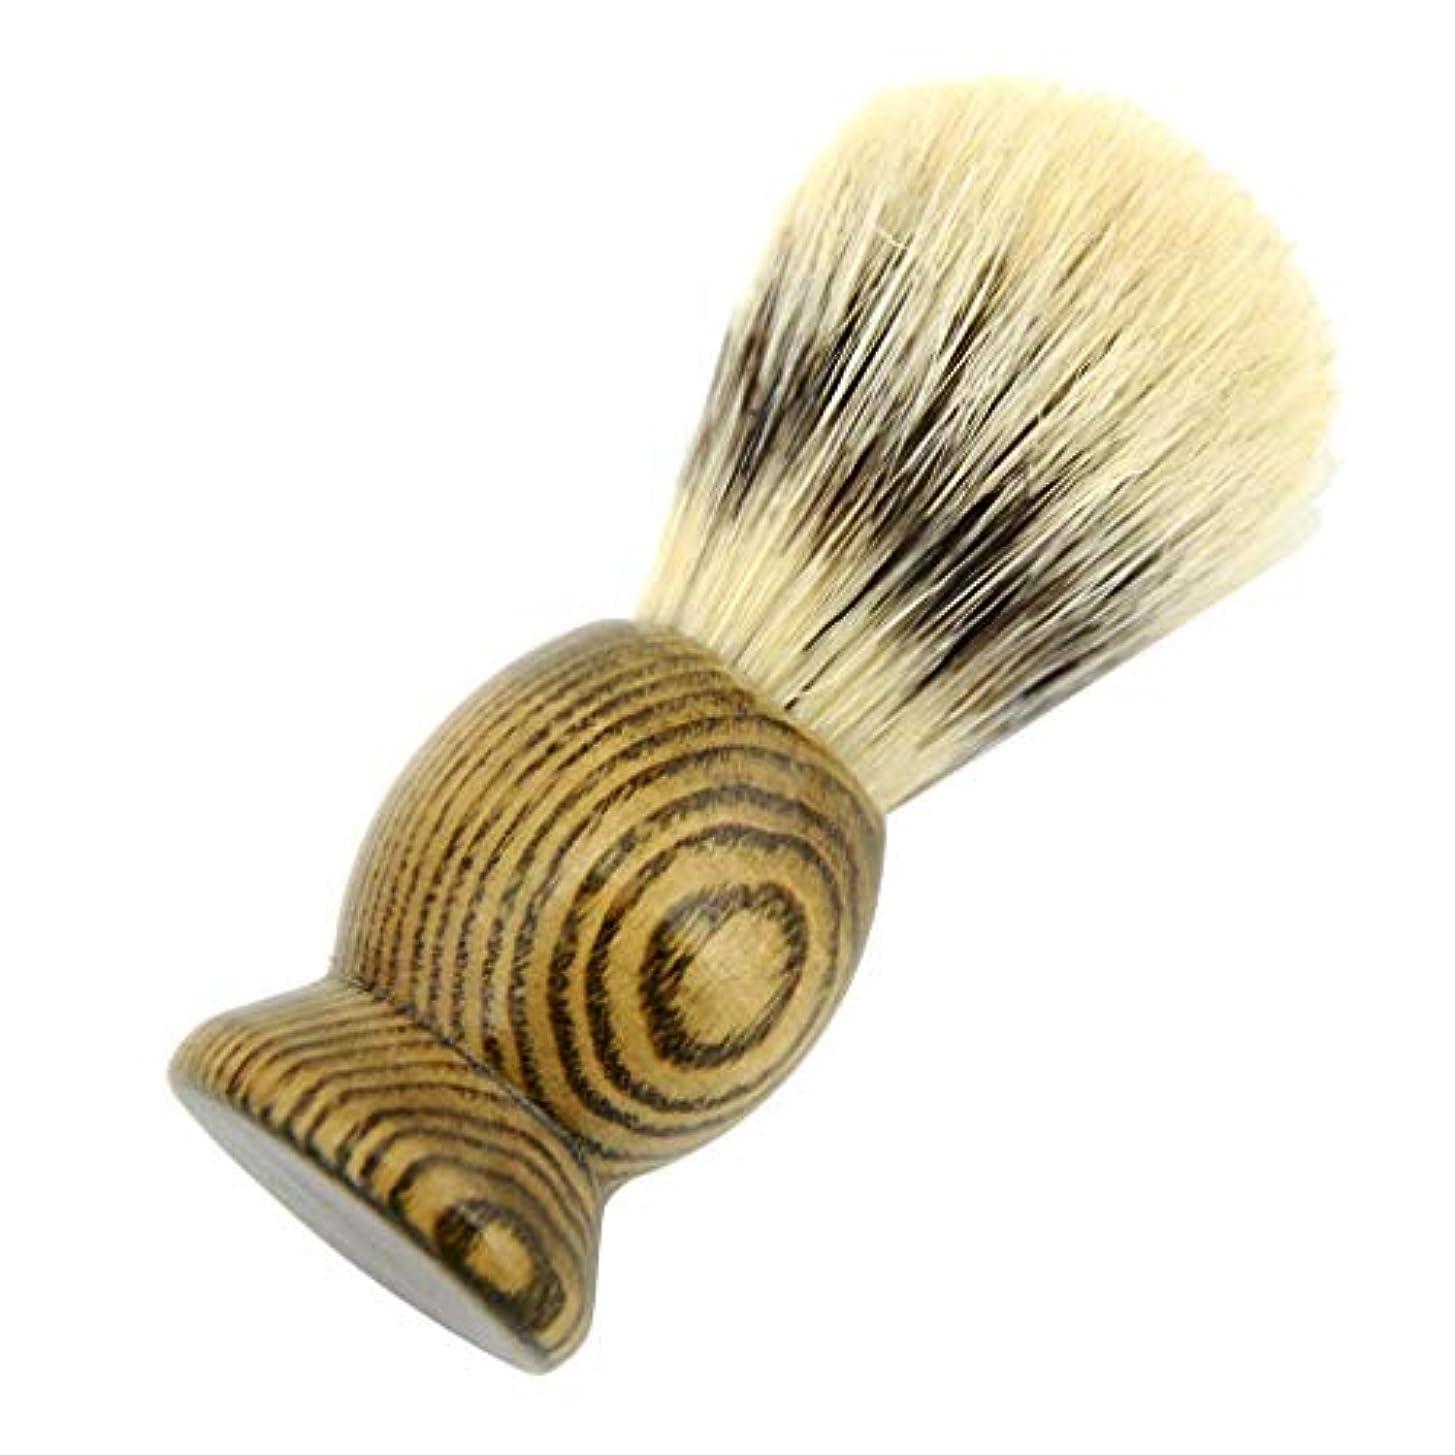 卑しいはしご期間Baoblaze メンズ シェービング用ブラシ 理容 洗顔 髭剃り 泡立ち サロン 家庭用 シェービング用アクセサリー